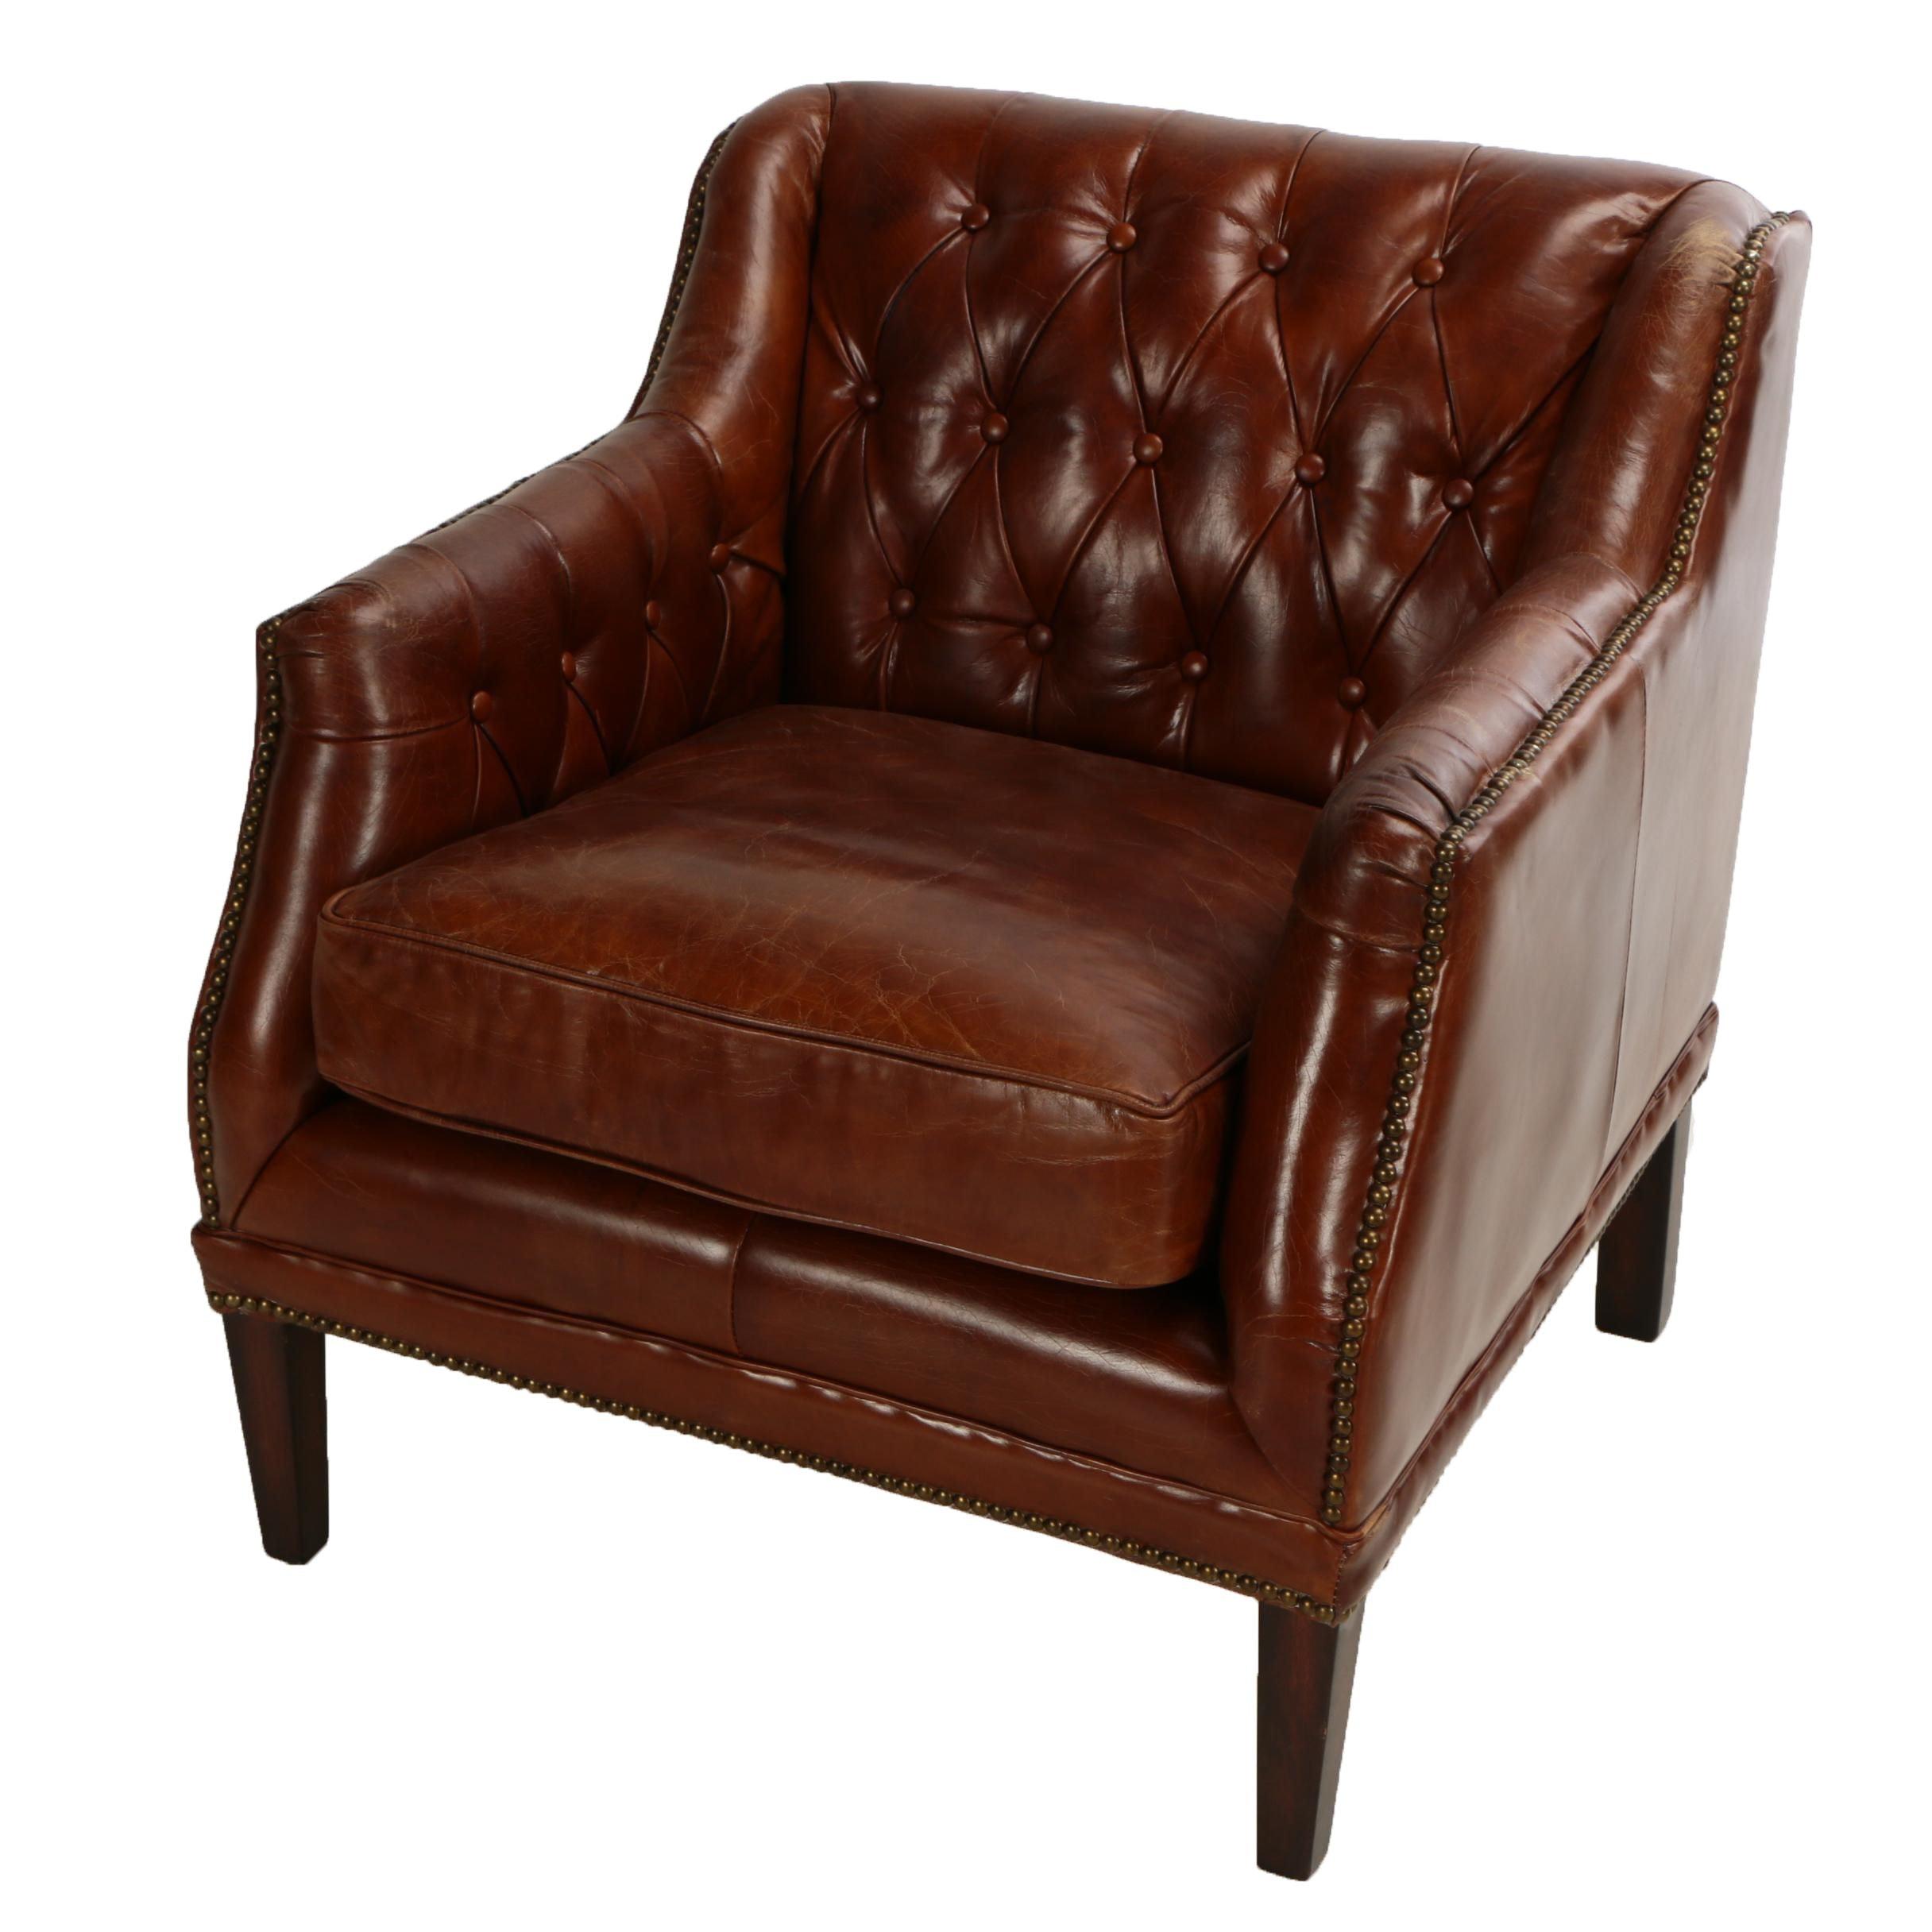 Furniture, Home Decor & More